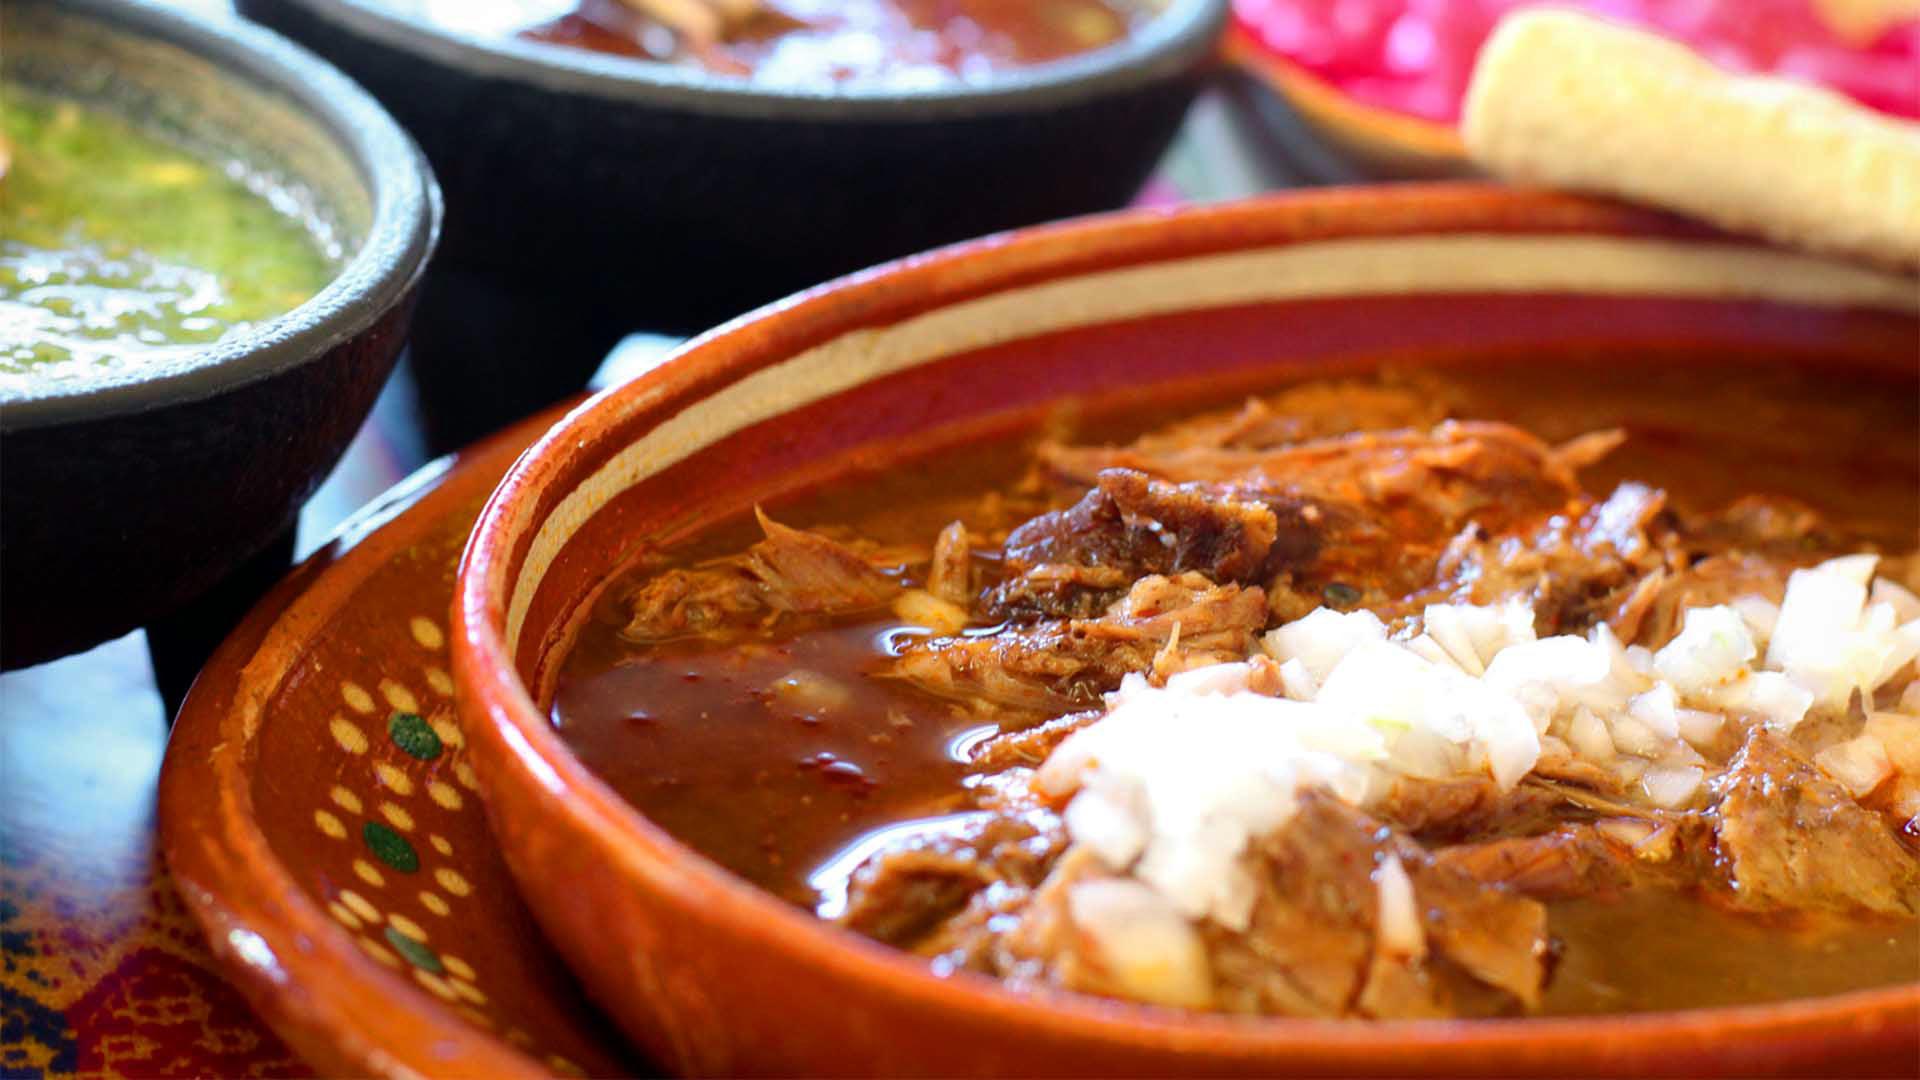 Comida típica del sur de Jalisco